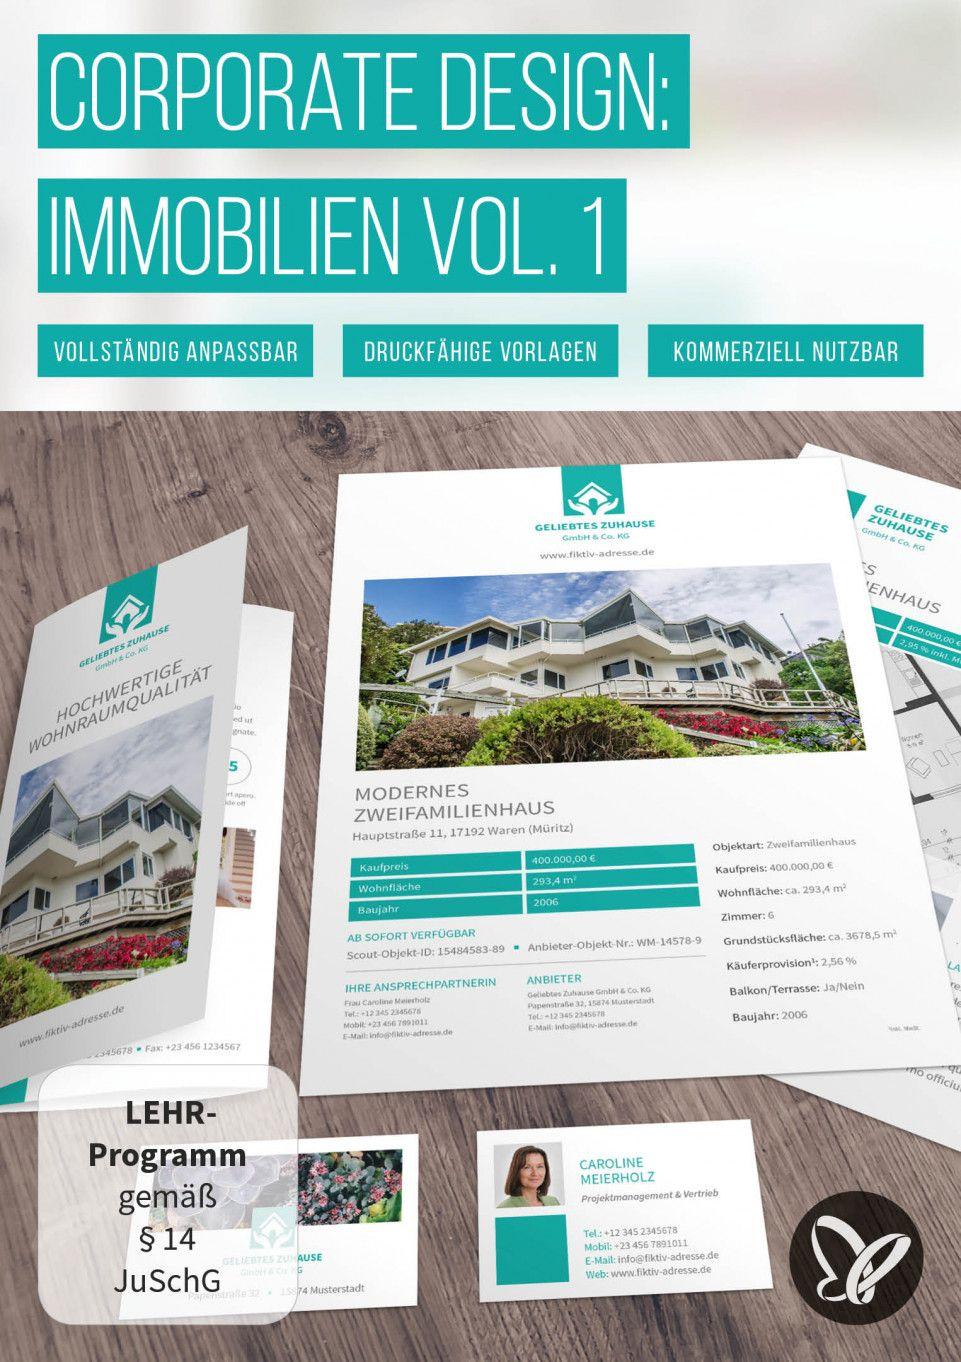 Elegantes Corporate Design Für Immobilienfirmen Und